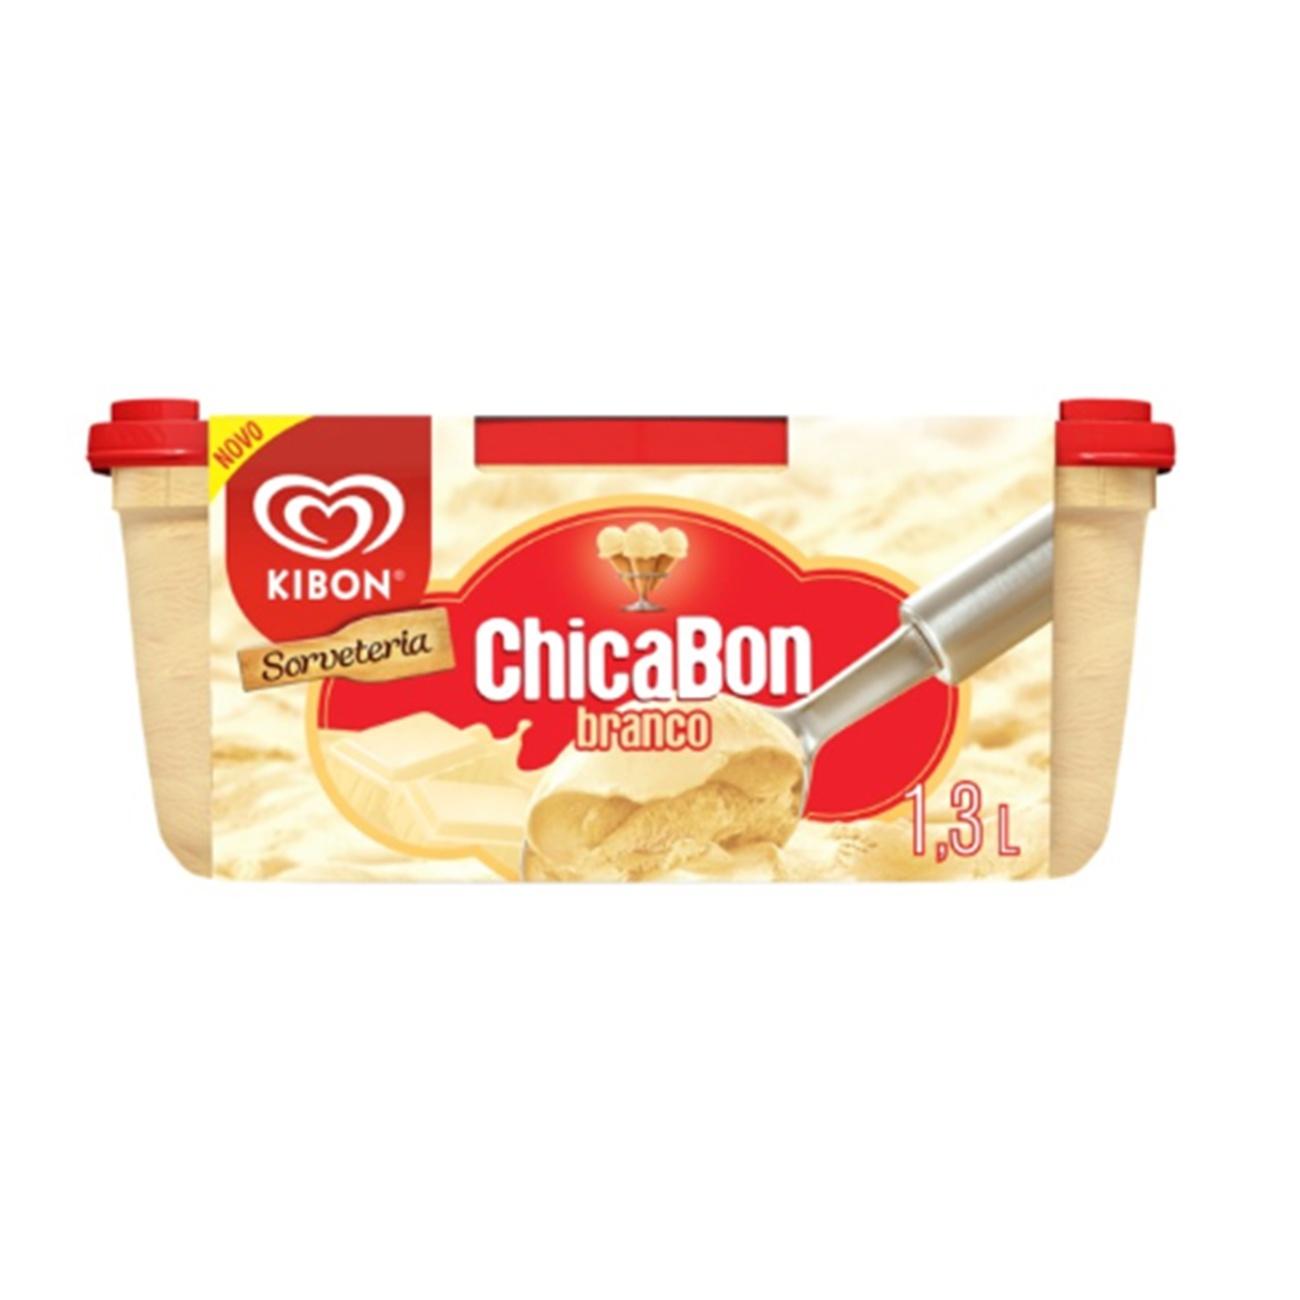 Sorvete Kibon Sorveteria Chicabon Branco 1.3L | Caixa com 4